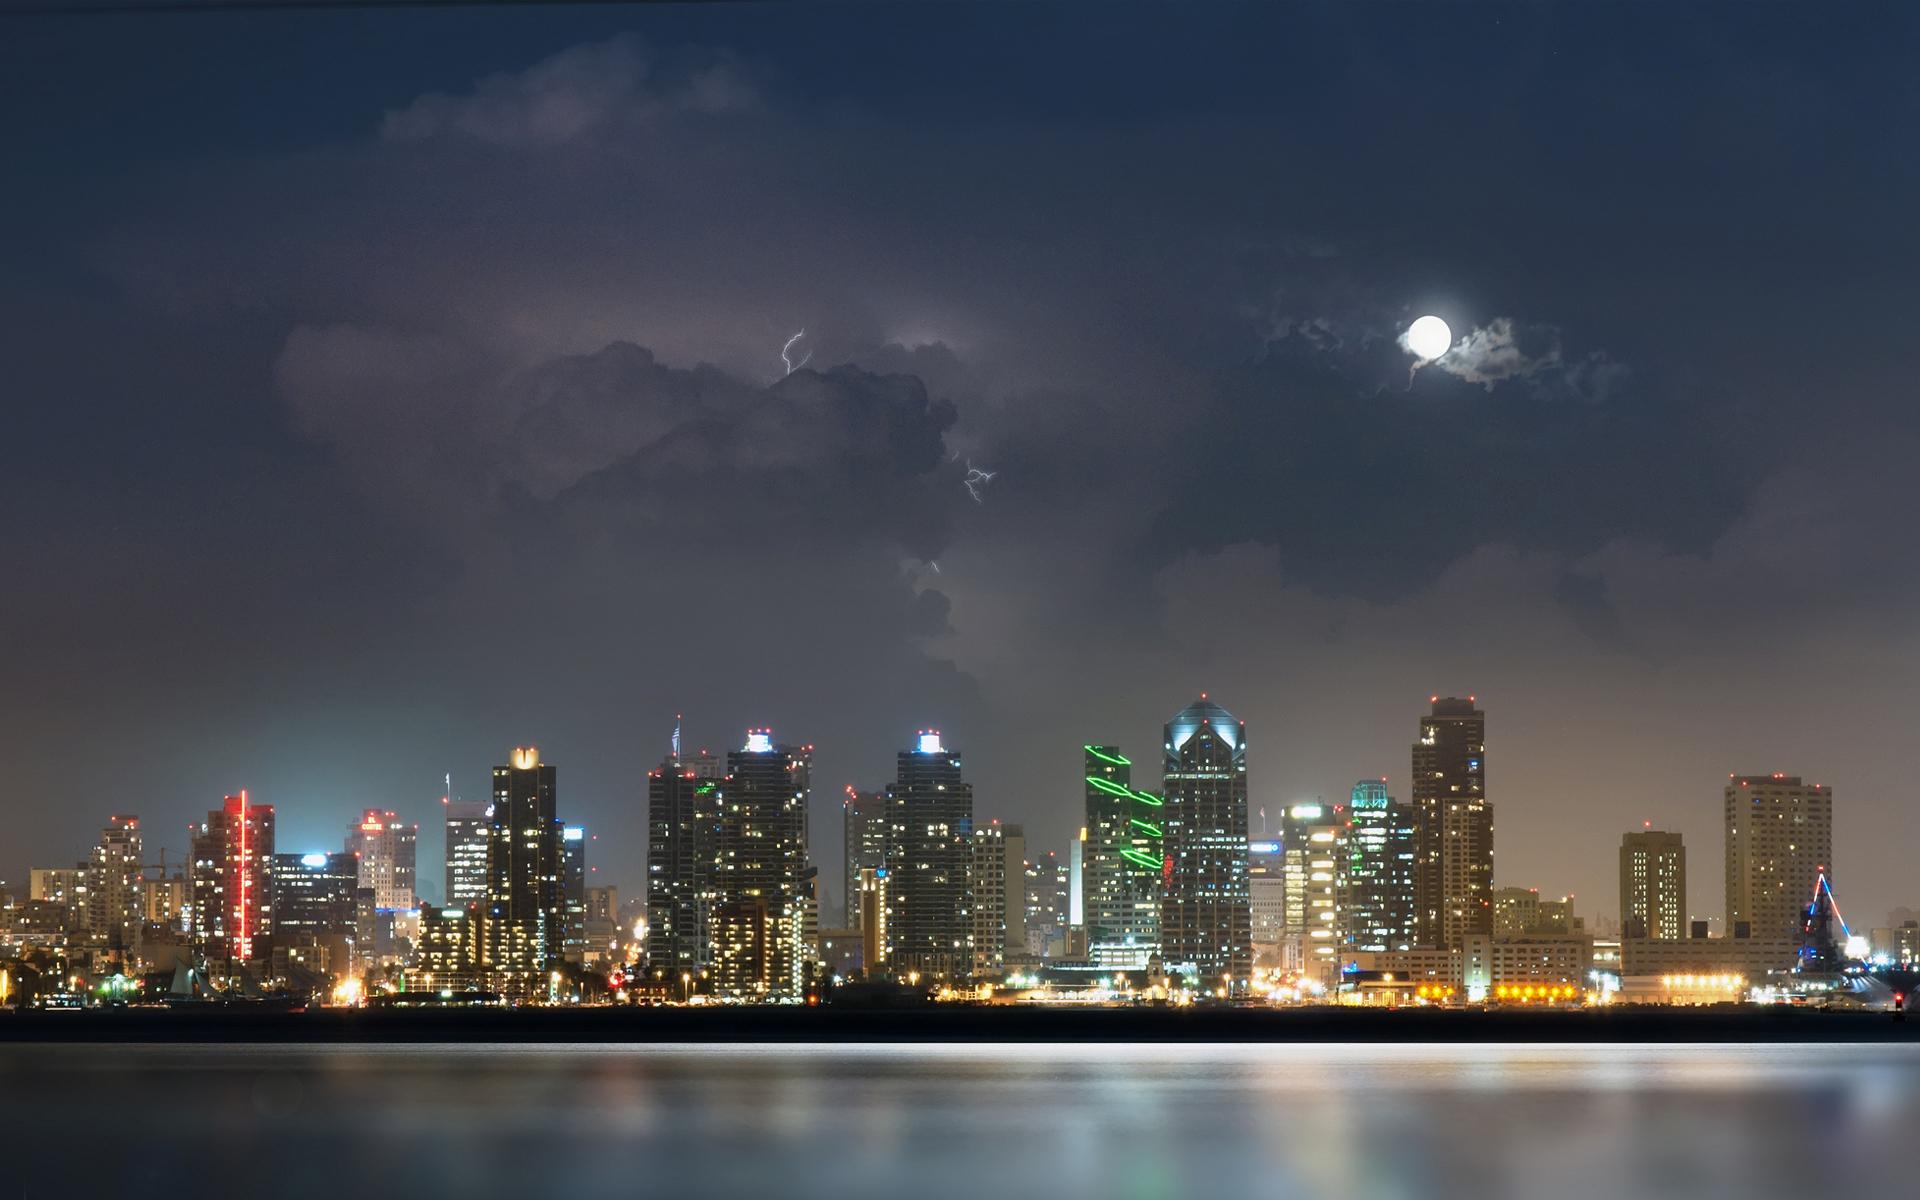 небоскребы город вода огни ночь  № 3981341  скачать